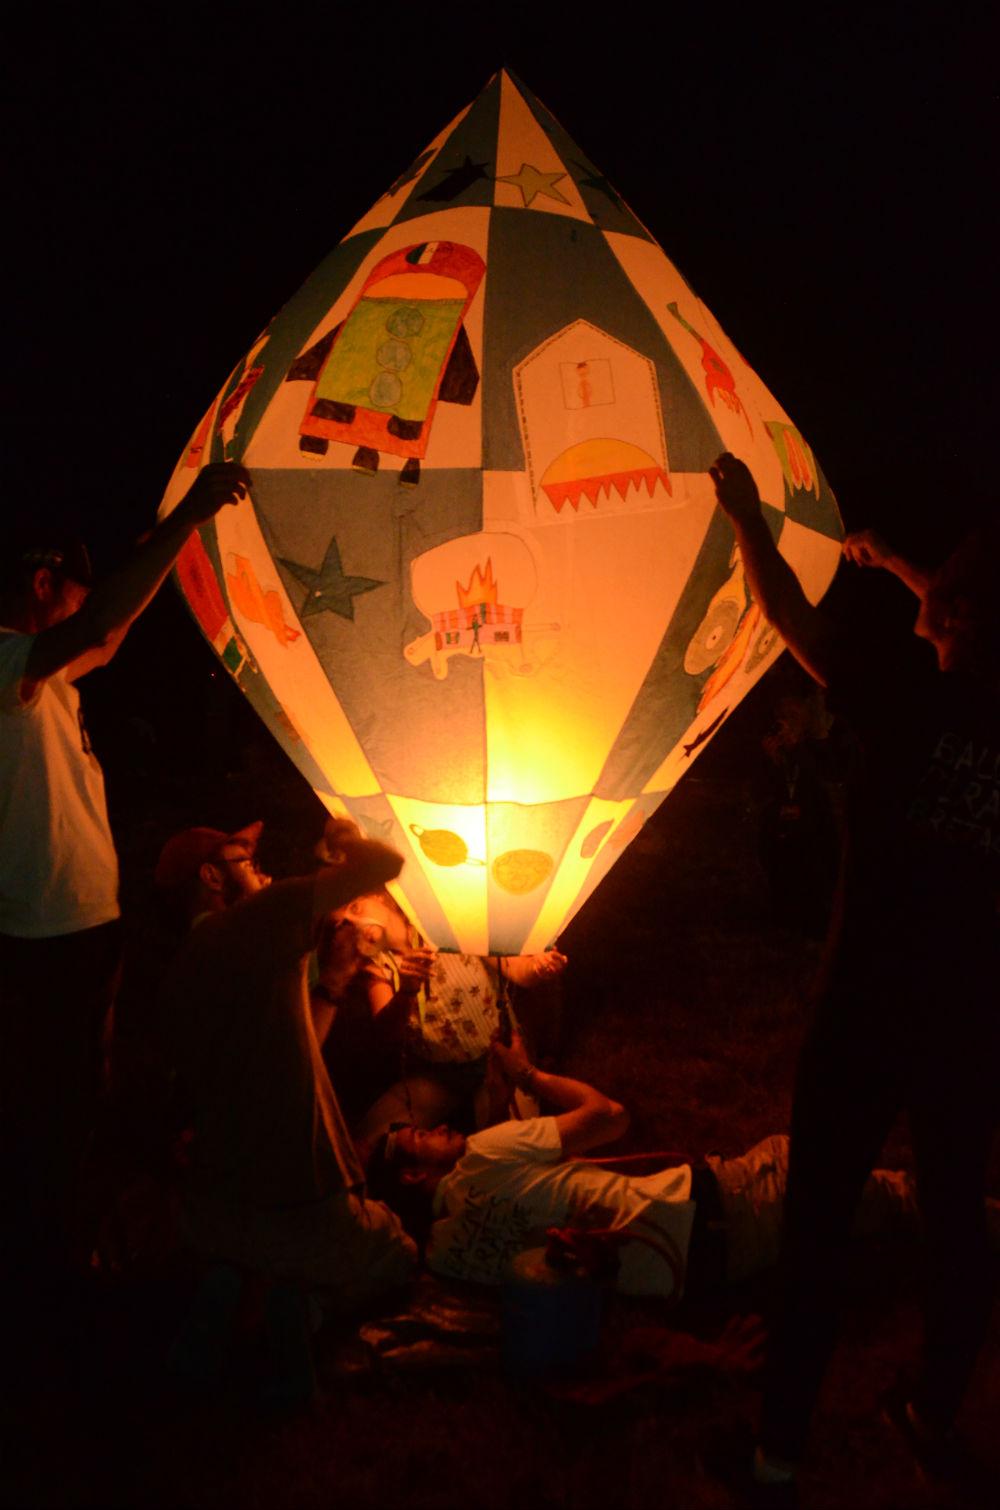 les-ptits-lezarts-residence-artiste-arts-plastiques-ecole-bertrand-richeux-montgolfiere